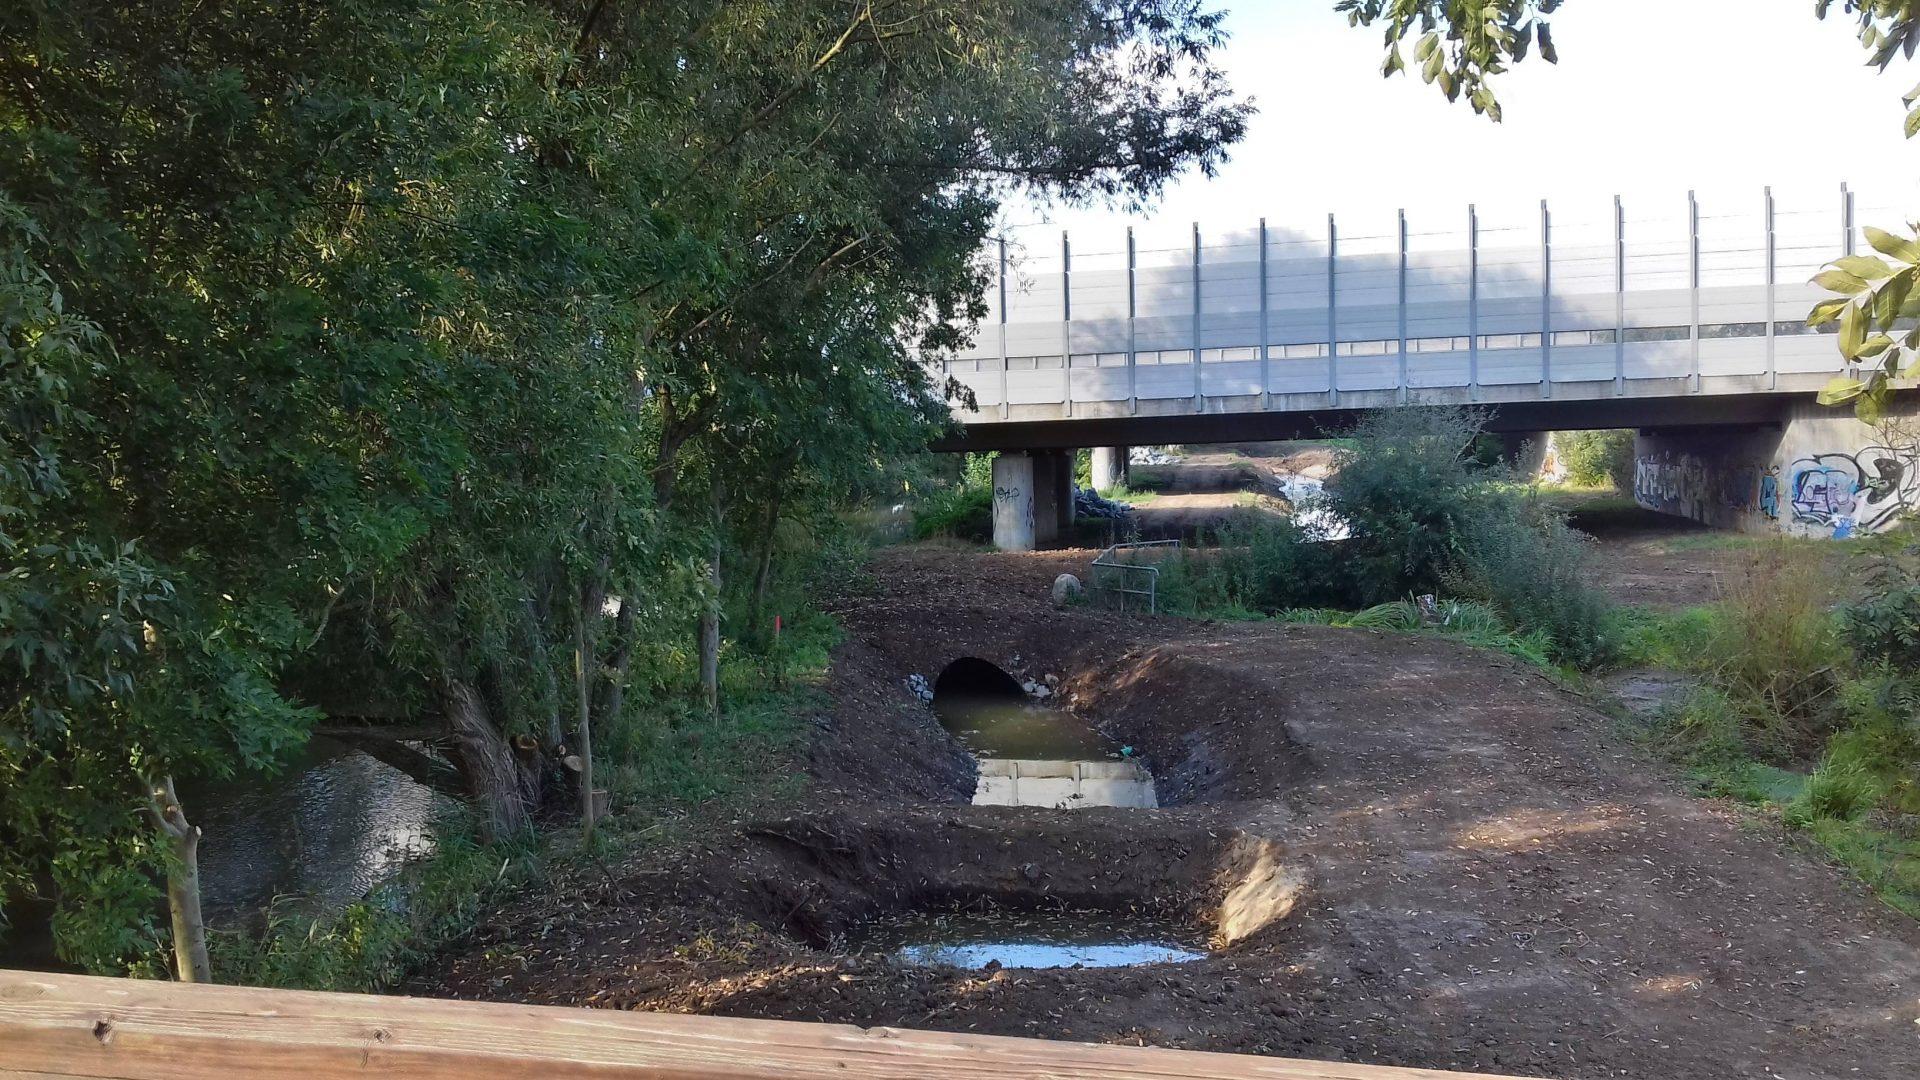 Man sieht eine Autobahnbrücke, darunter aufgeschüttete Baustraßen die wie Ameisenstraßen quer durchs Bild laufen